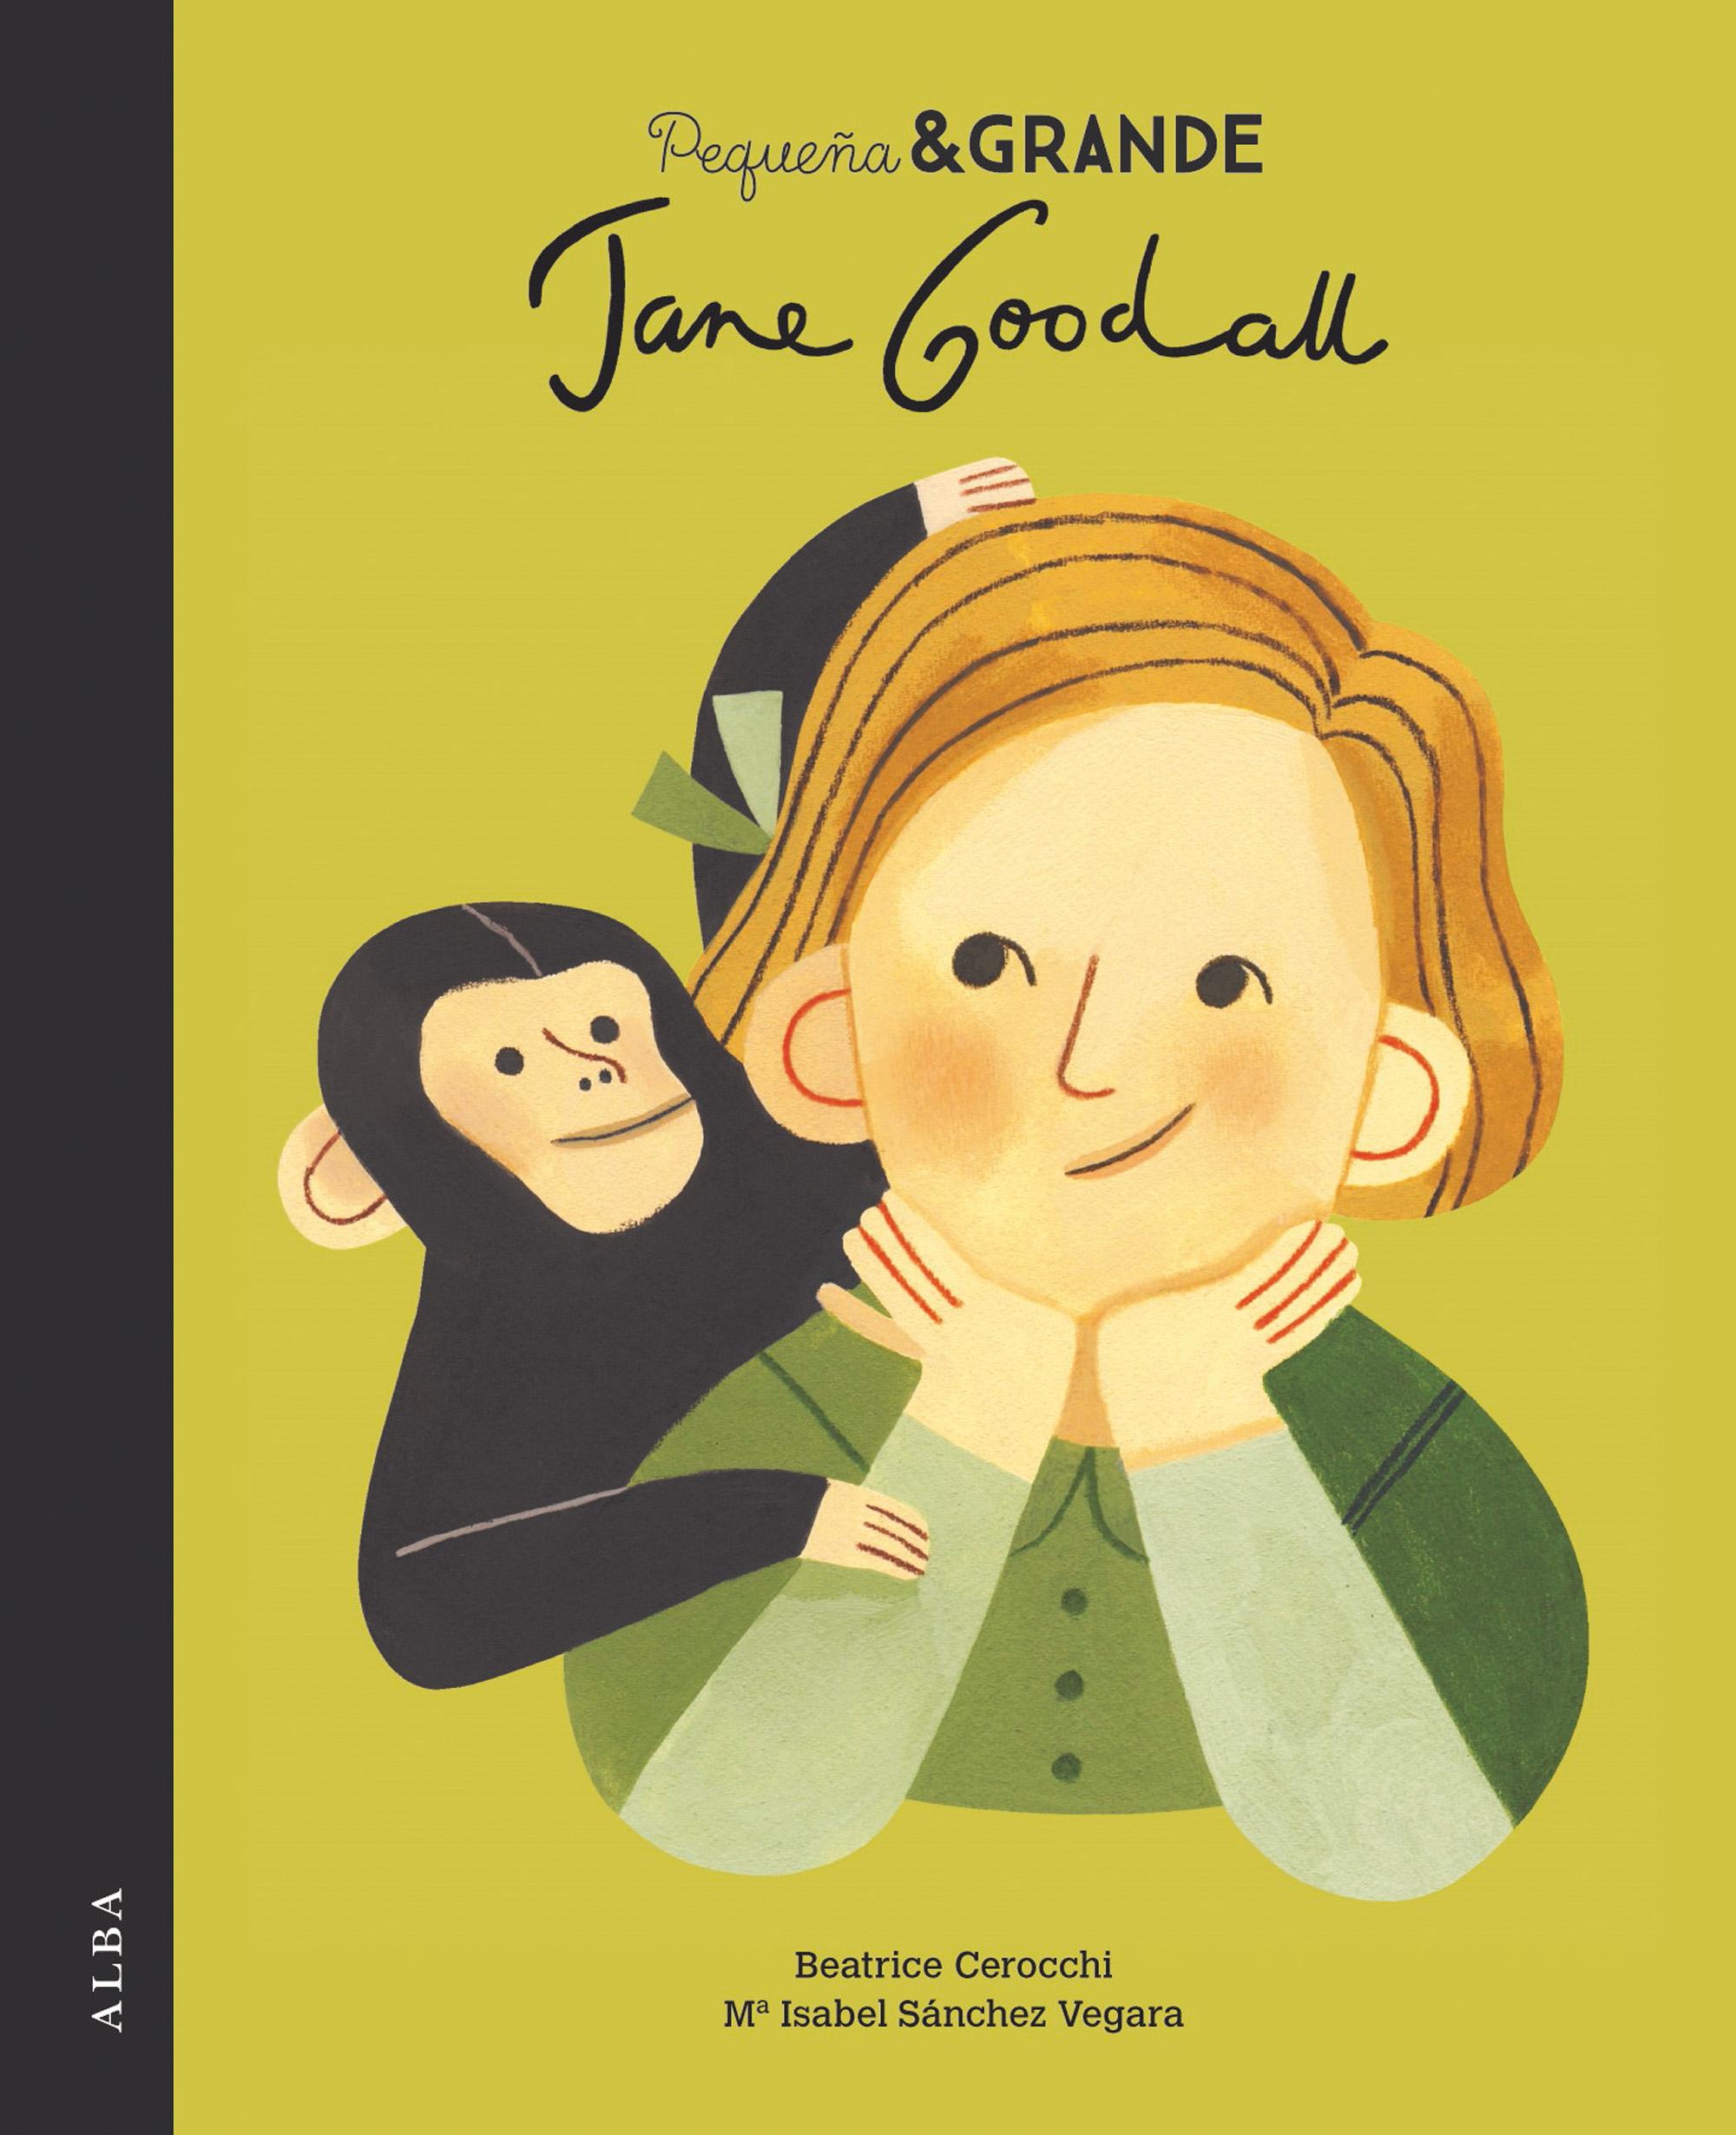 Imaxe da portada (Pequeña & Grande Jane Goodall)